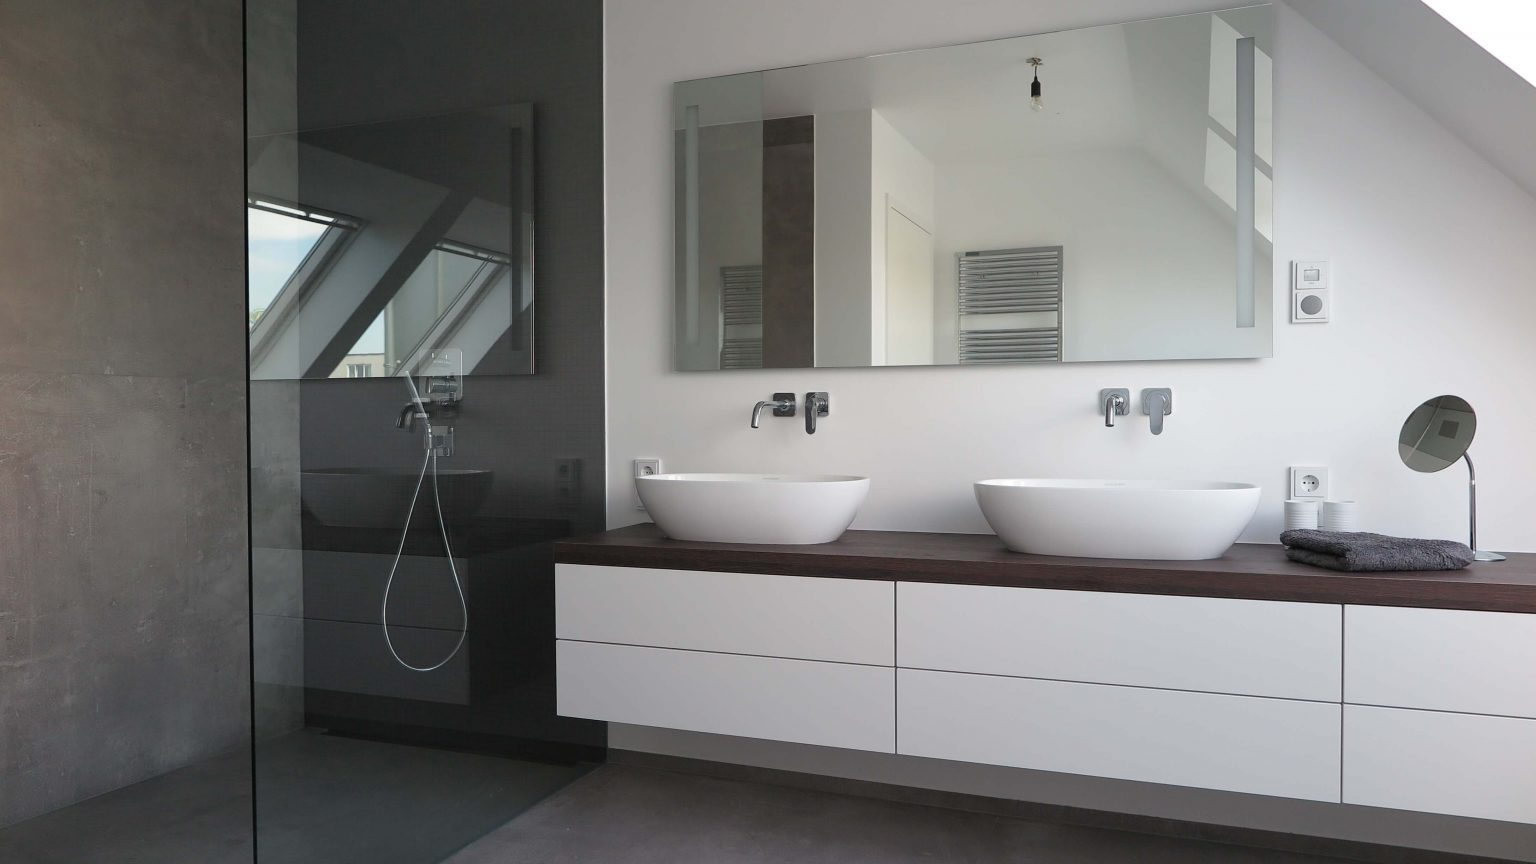 Architekt Koeln Wohnungsbau Waschtisch